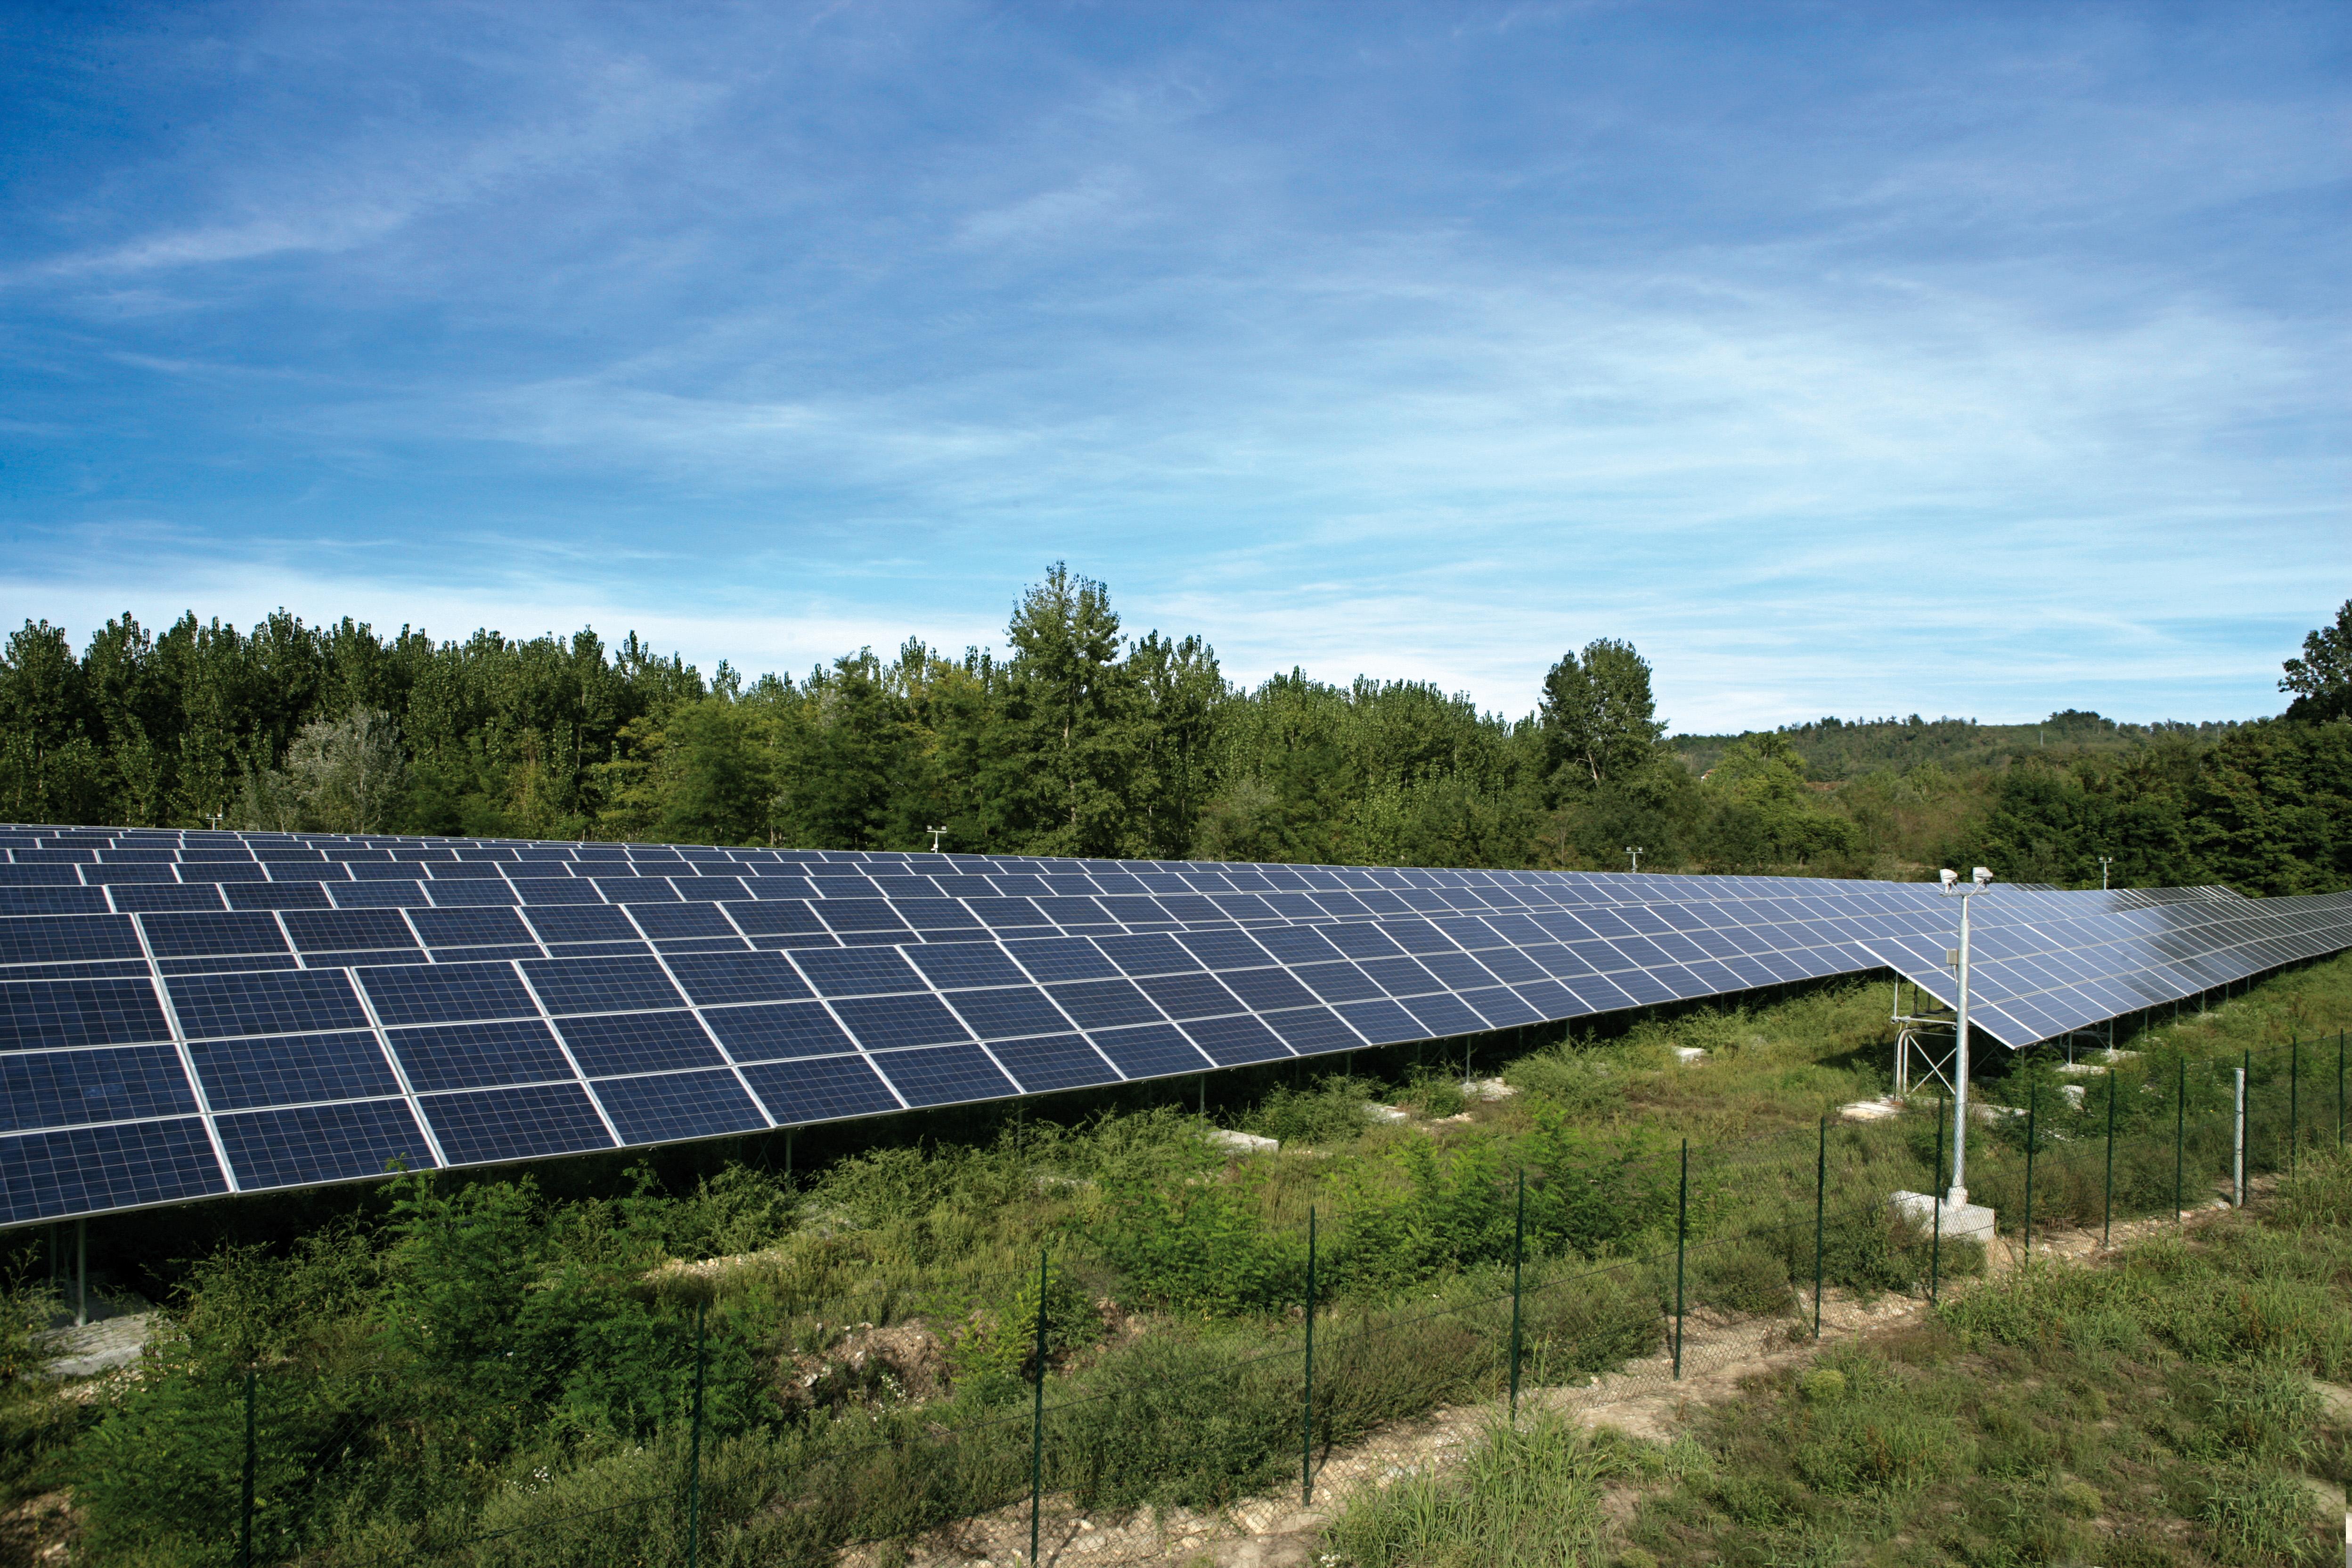 Fotovoltaico principi acaja